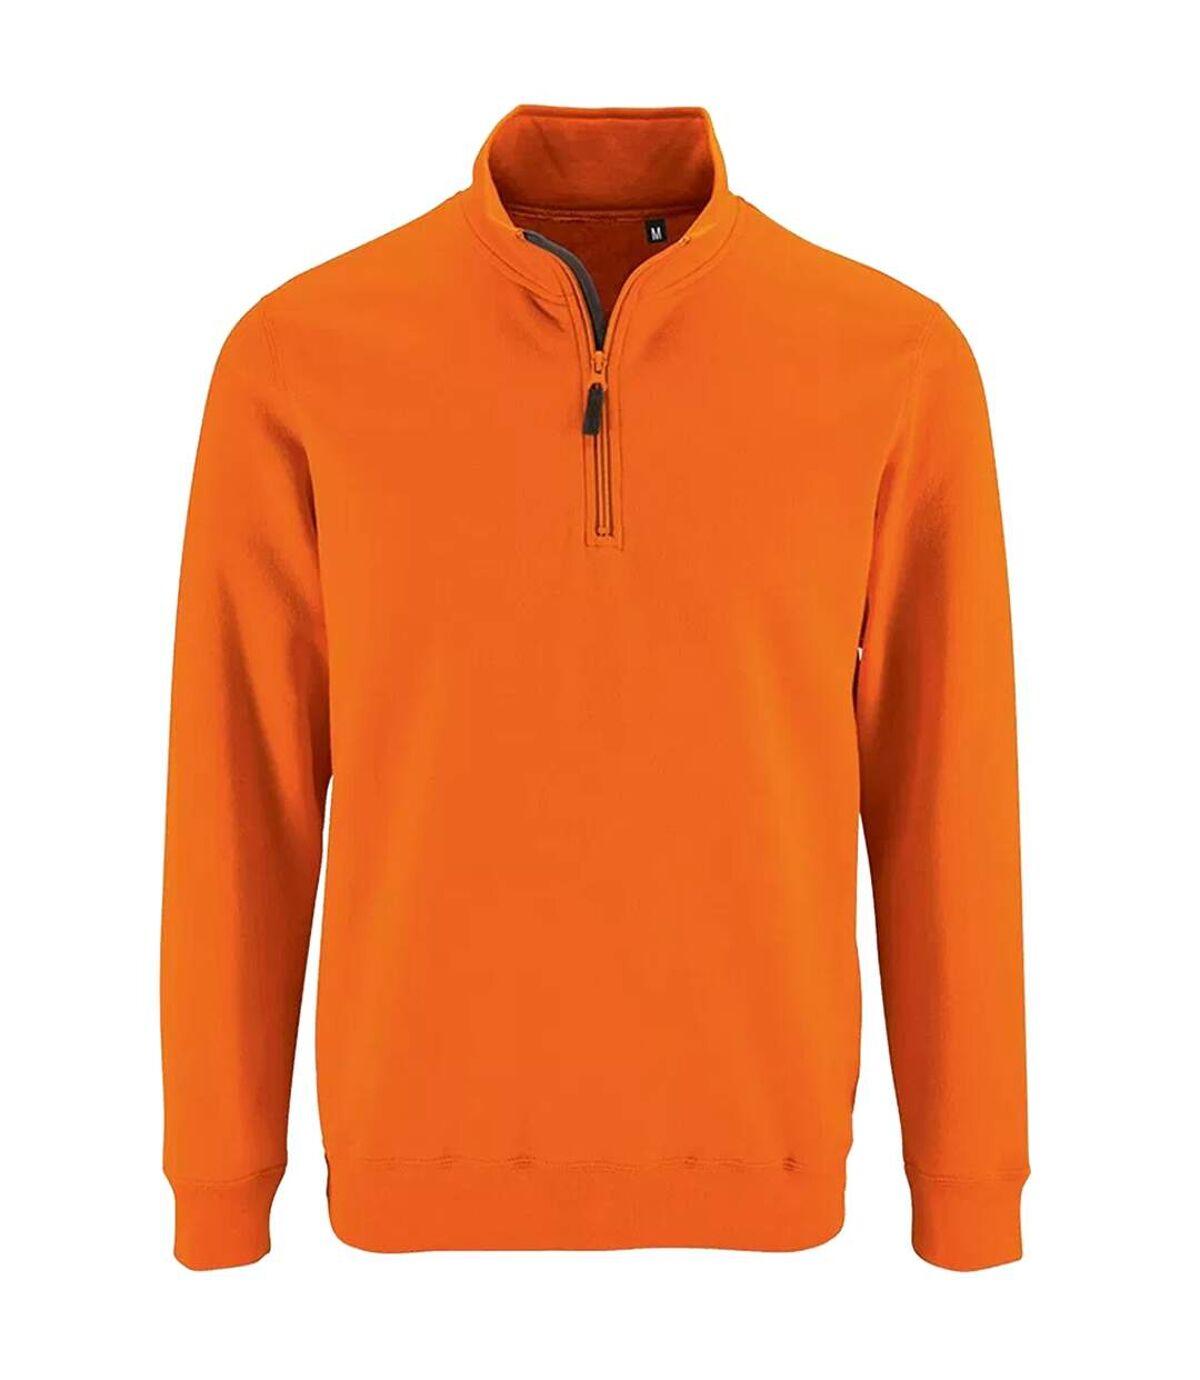 SOLS Mens Stan Contrast Zip Neck Sweatshirt (French Navy) - UTPC3172